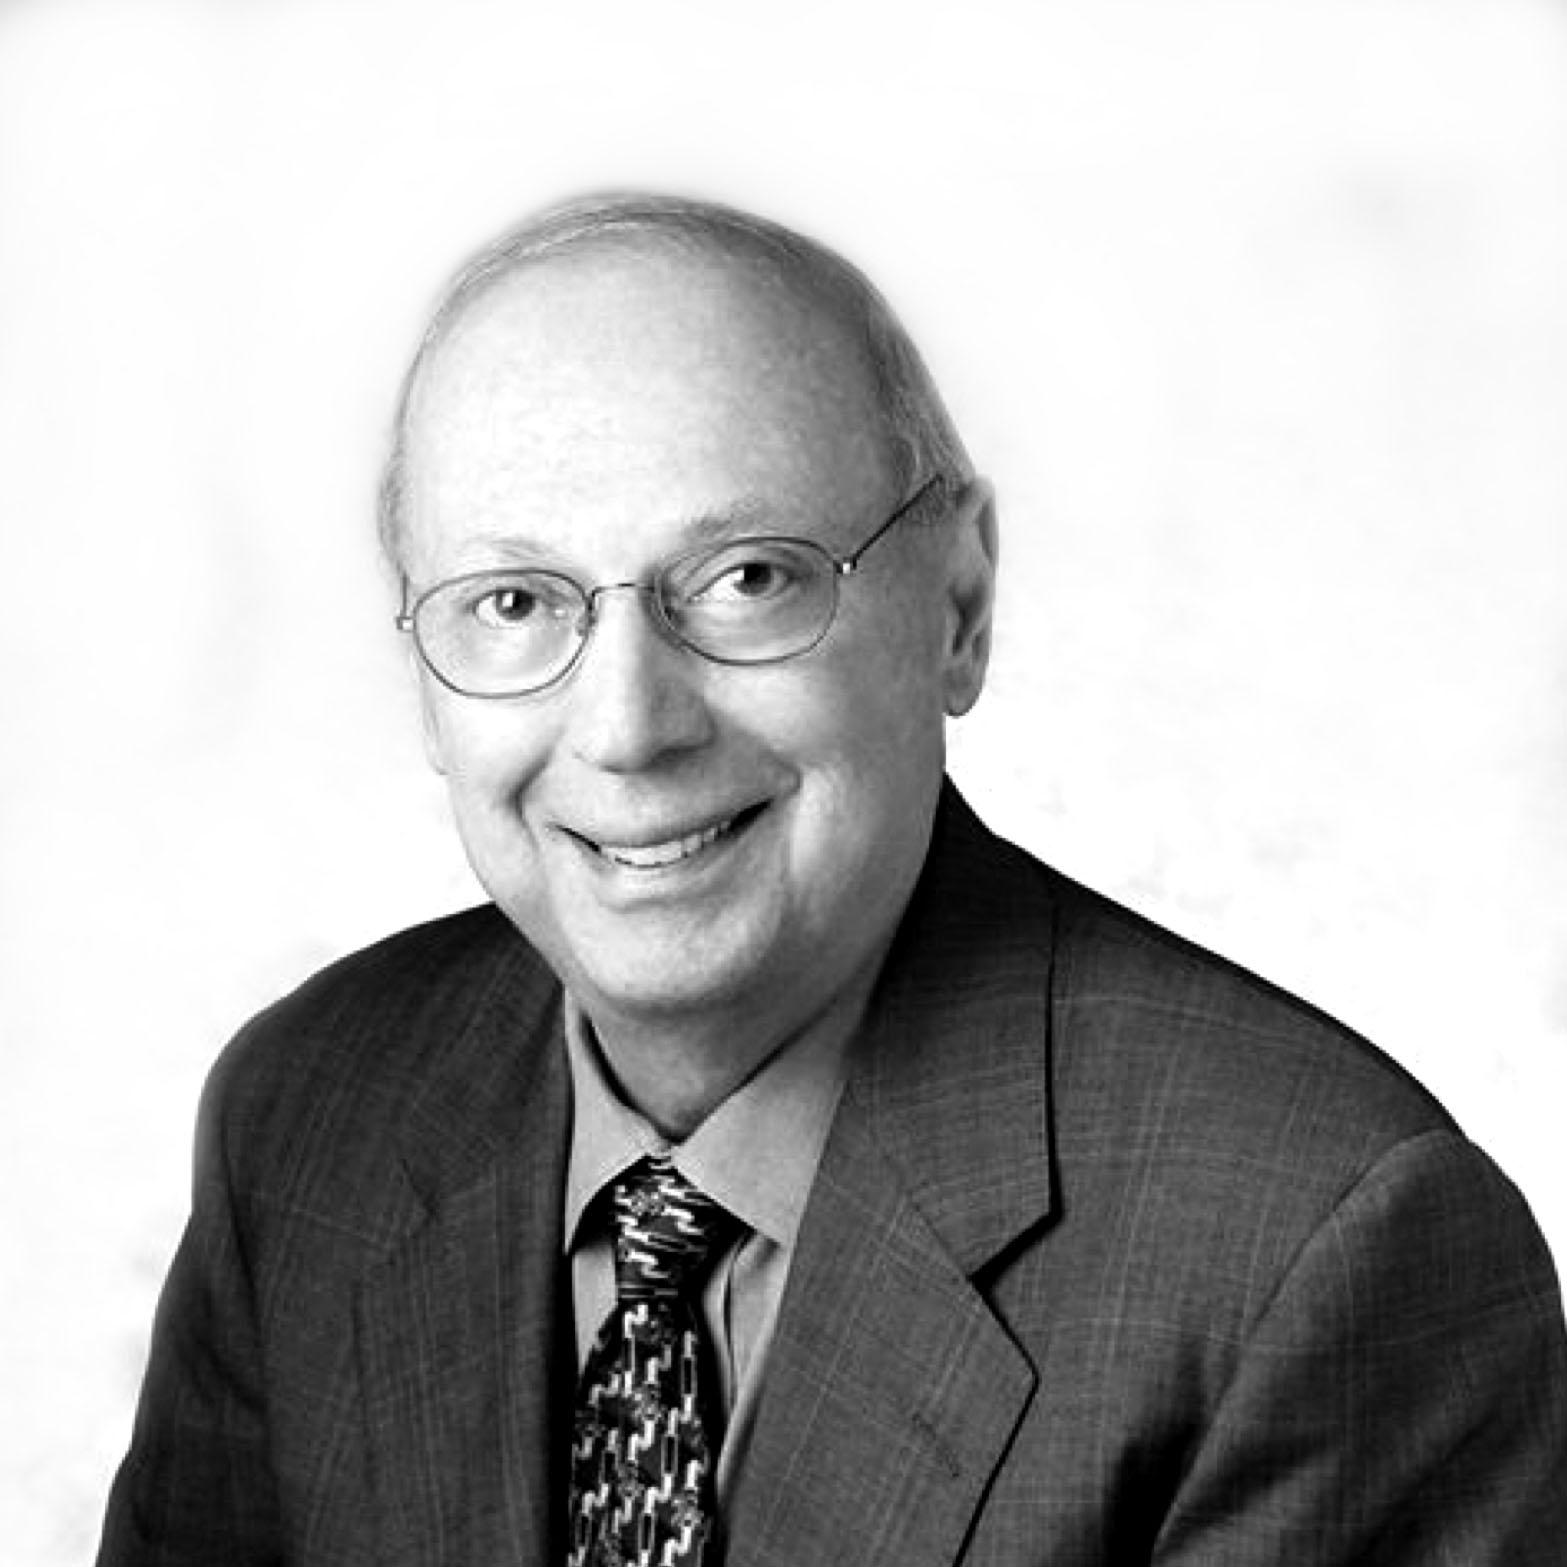 ROBERT E. EVANSON